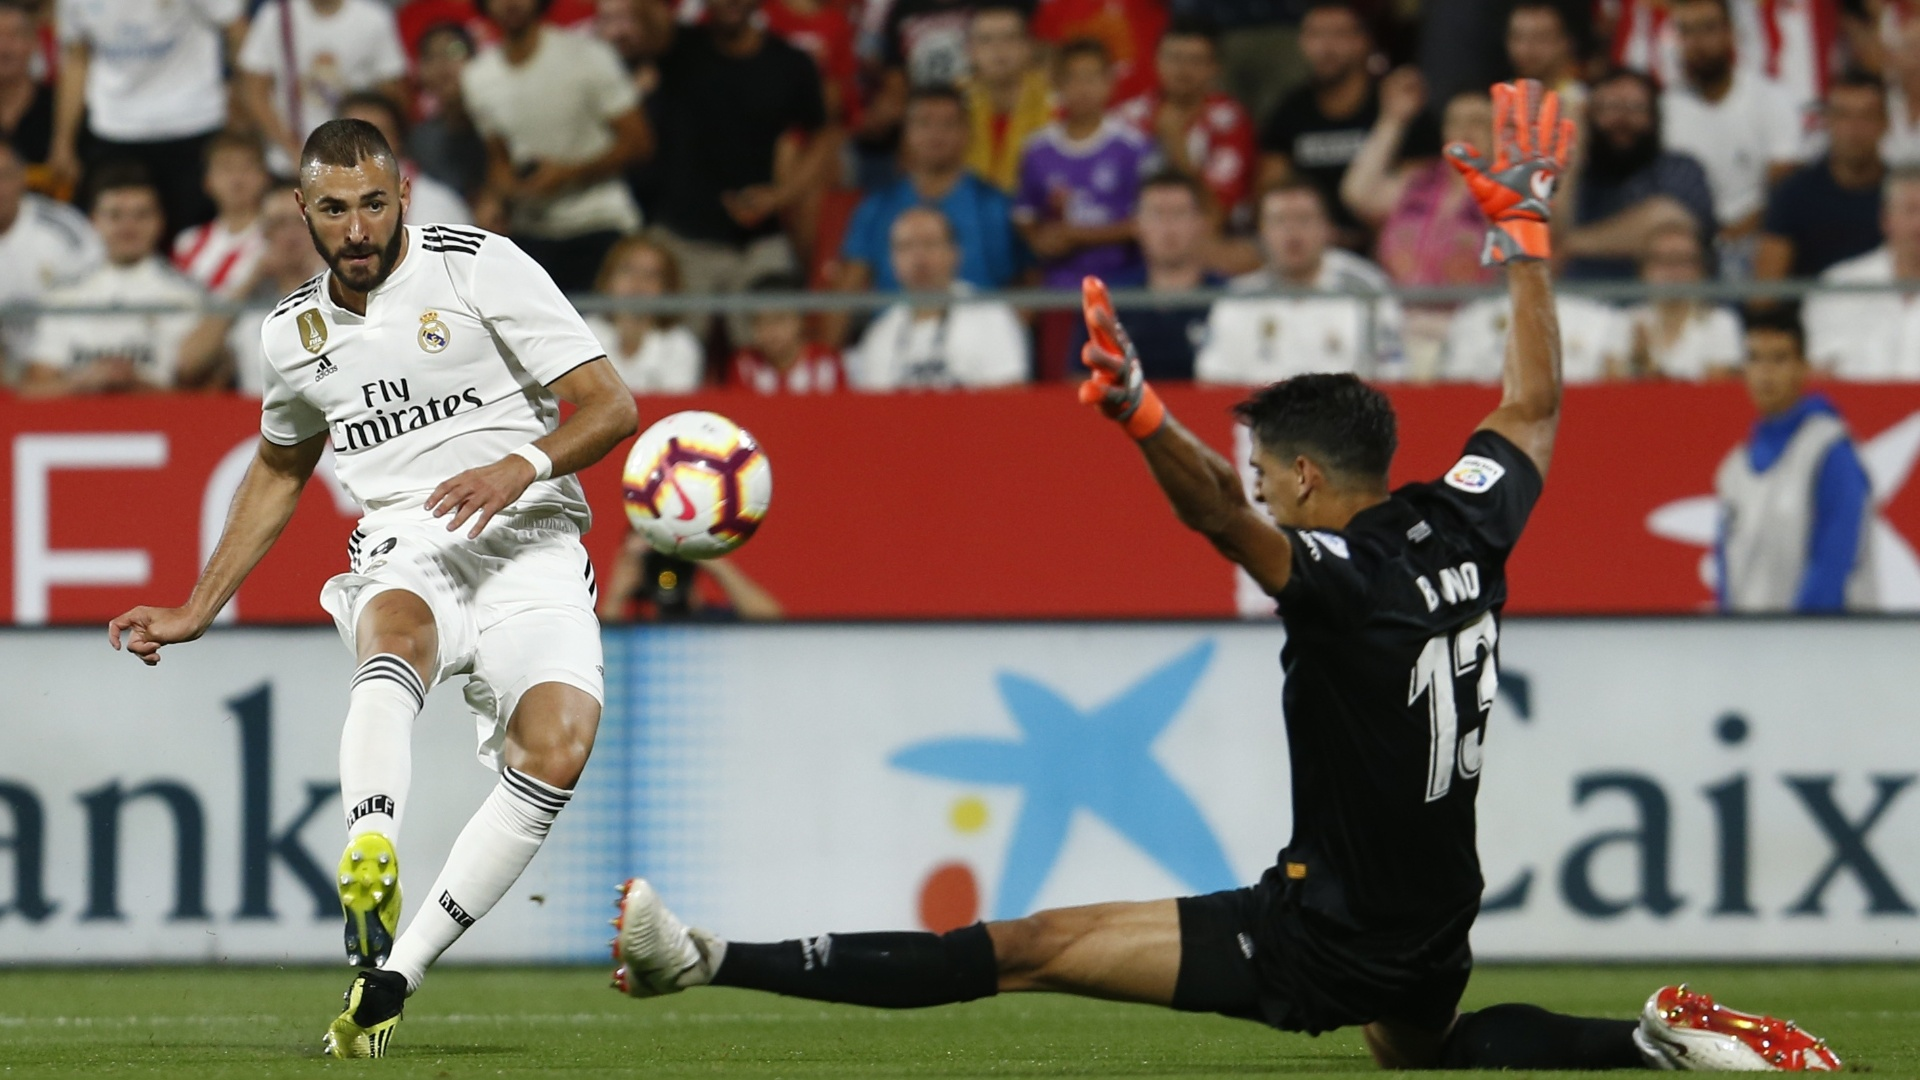 Karim Benzema até balança as redes do Girona, mas o assistente marca impedimento no lance